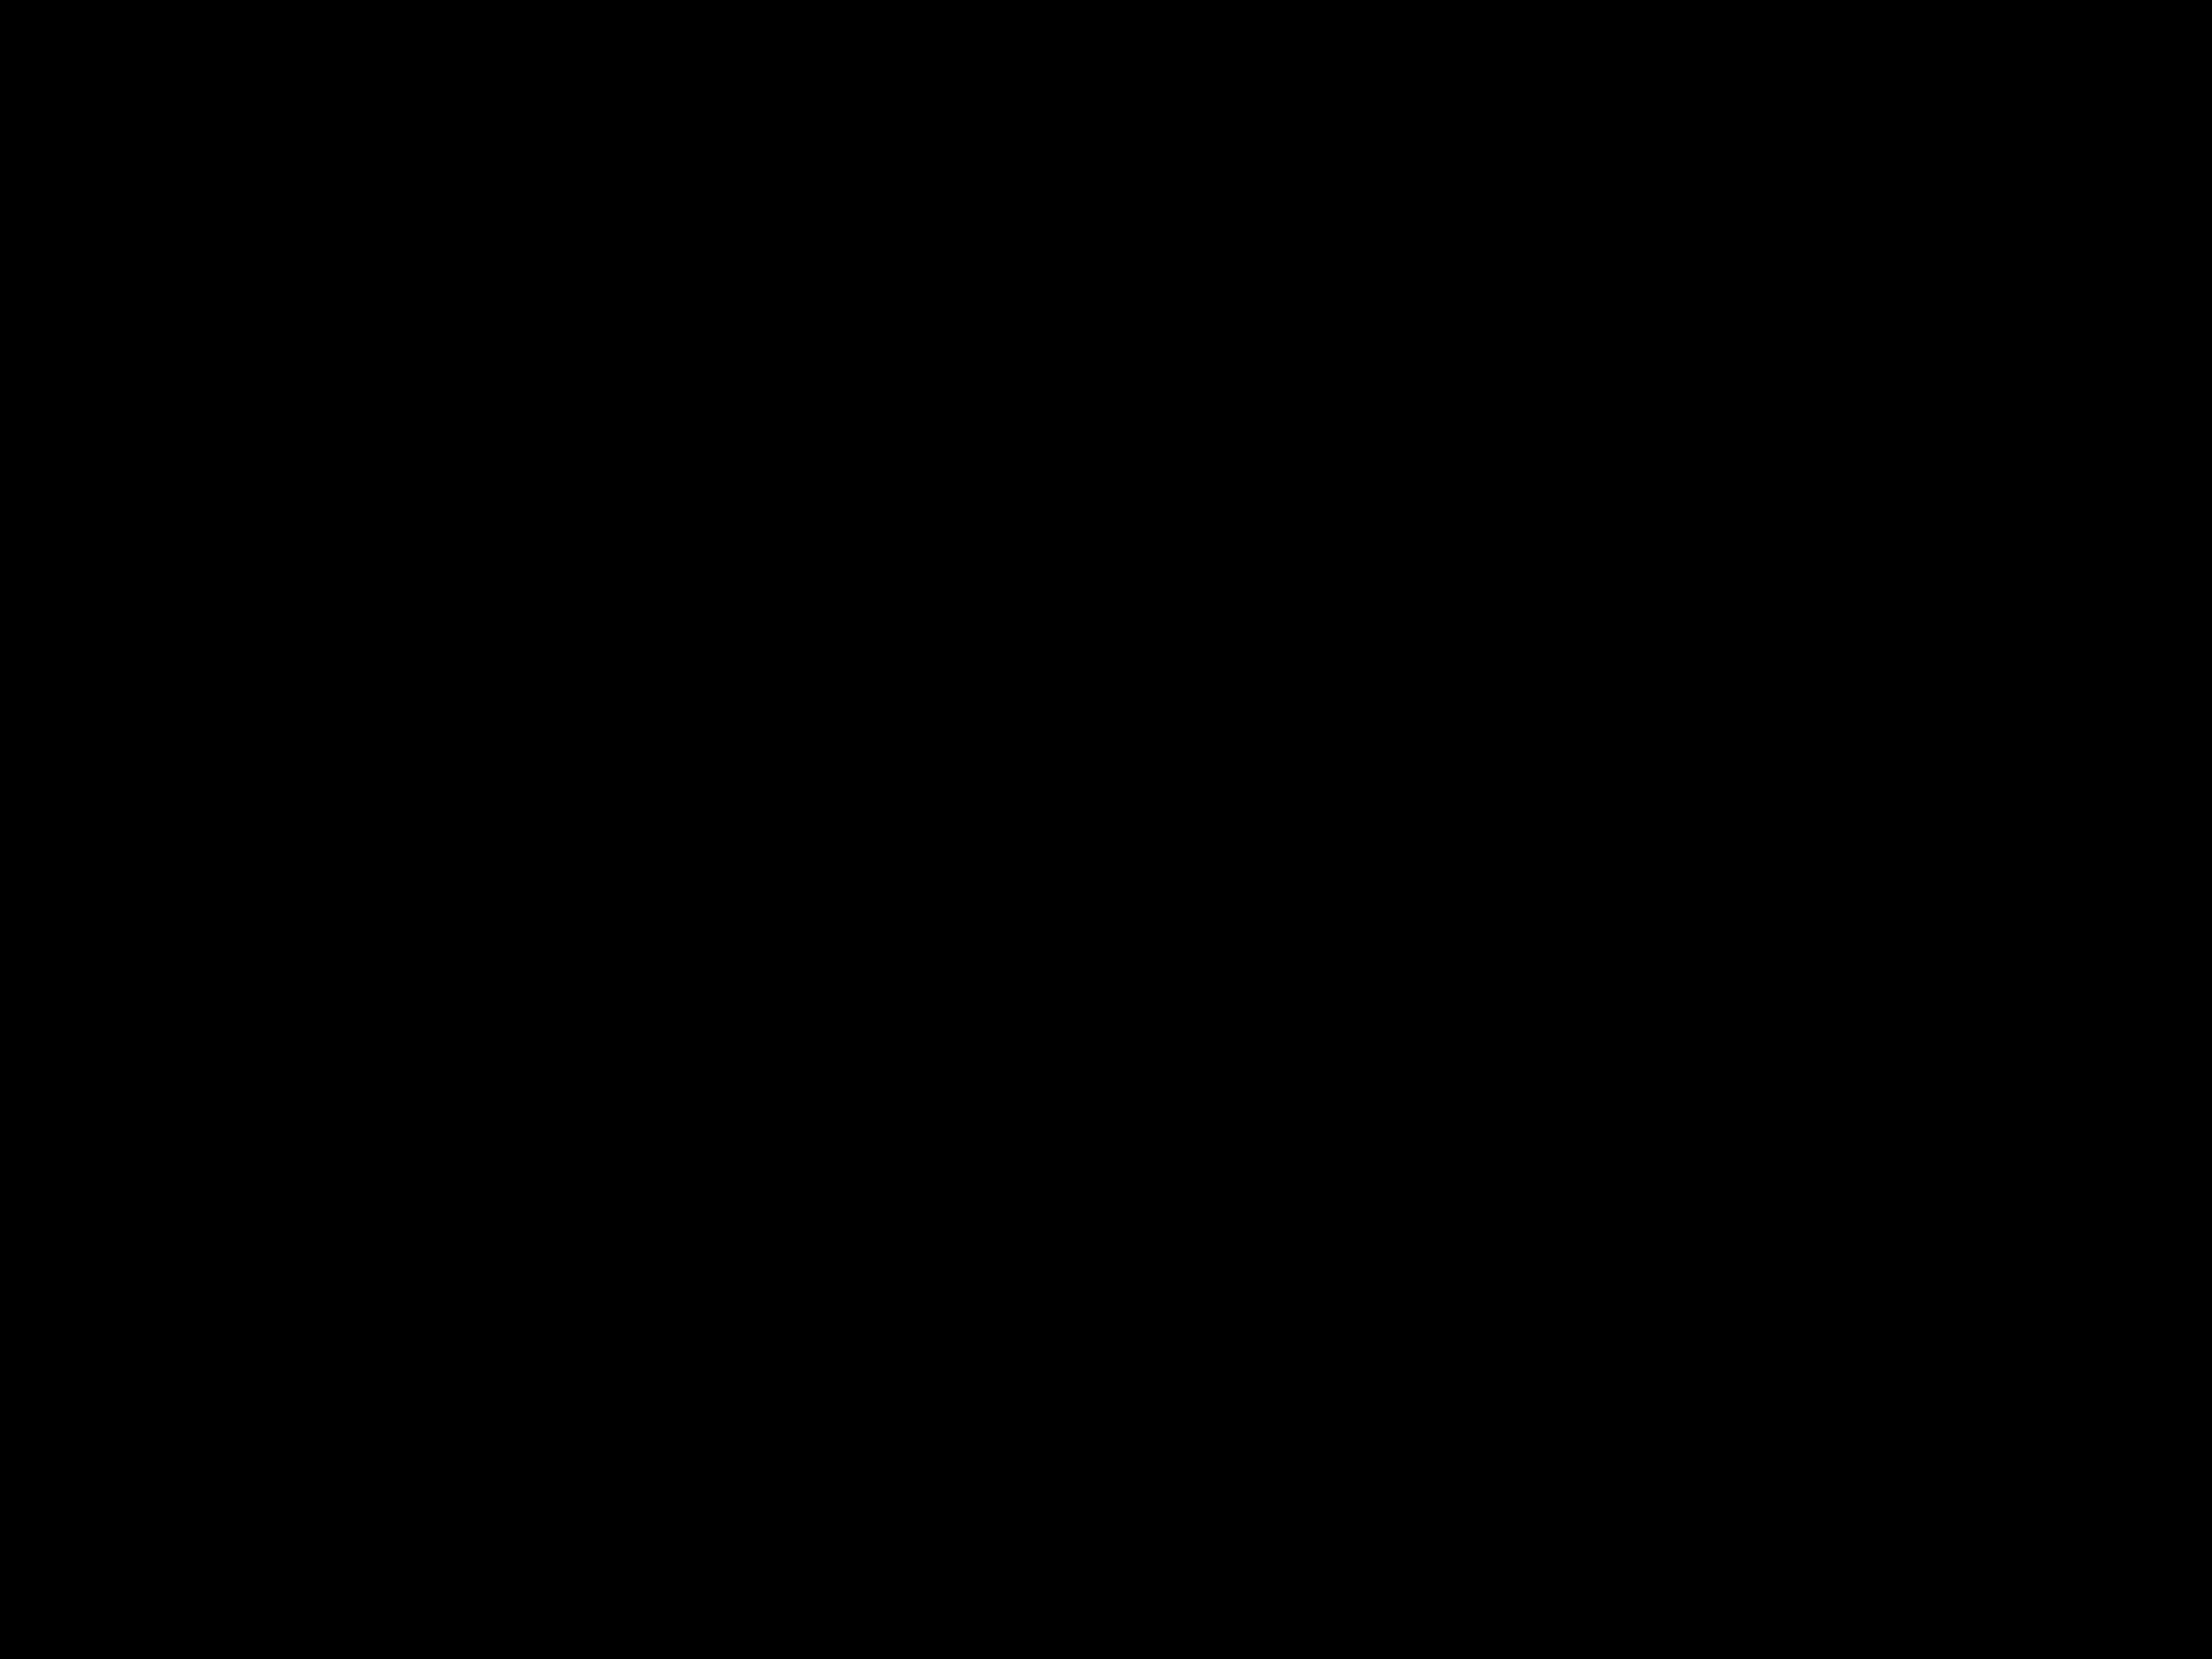 Acalypha